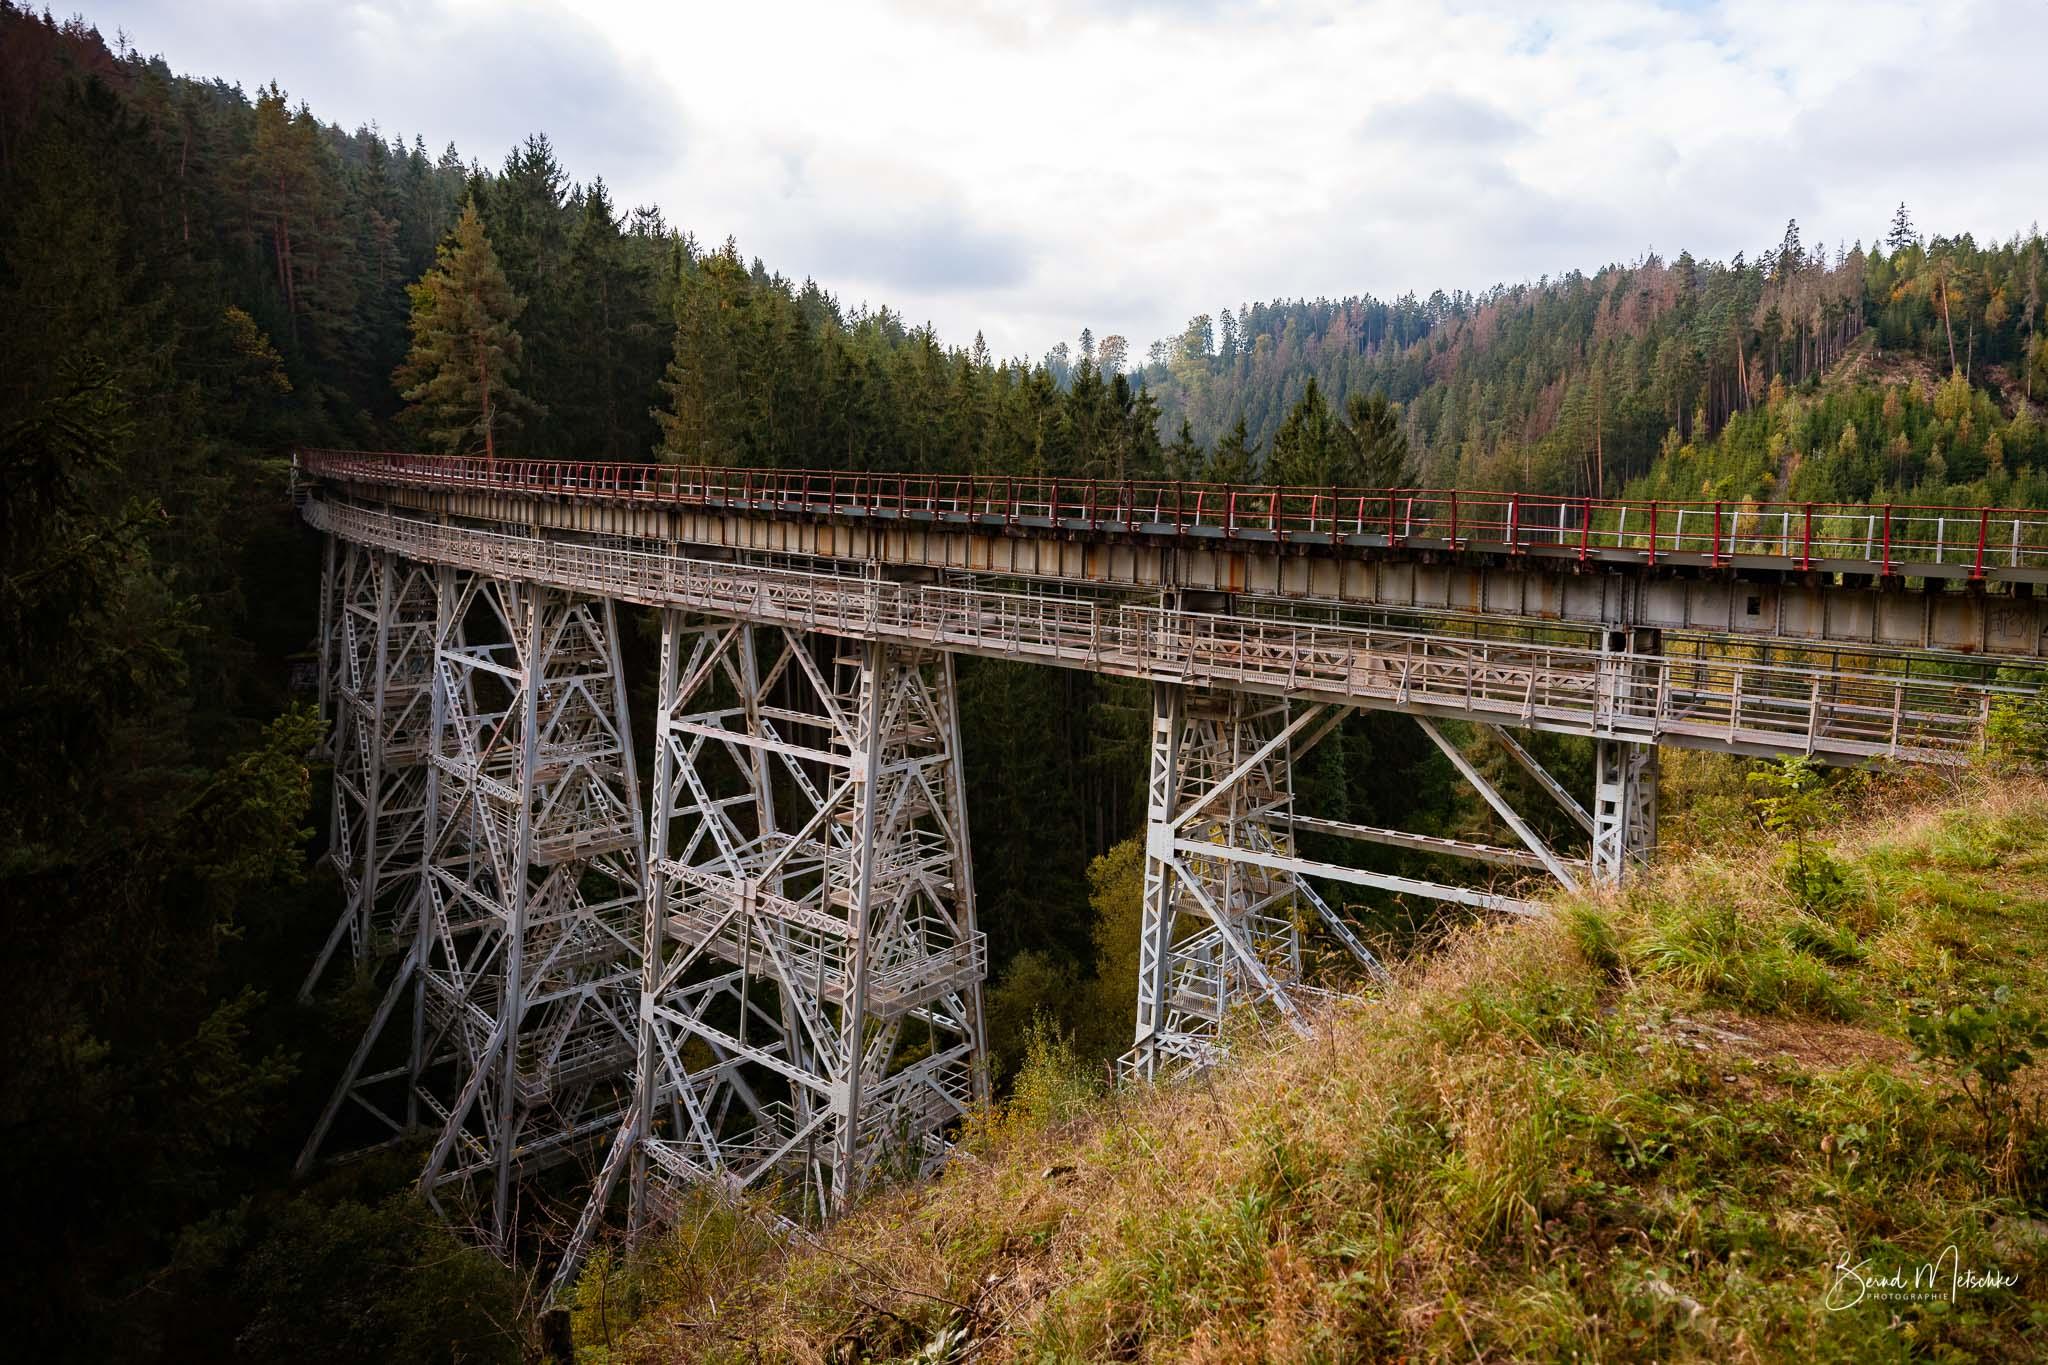 Die Ziemestalbrücke ist ein 115 Meter langer und 32 Meter hoher Viadukt der Bahnstrecke.